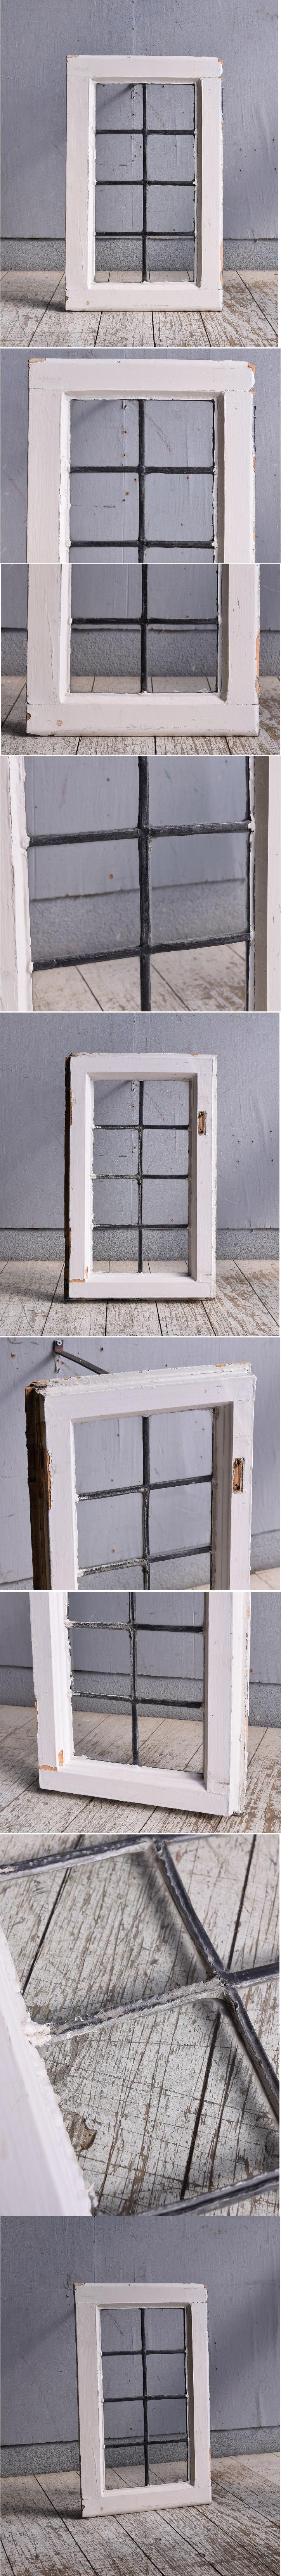 イギリス アンティーク 窓 無色透明 9386